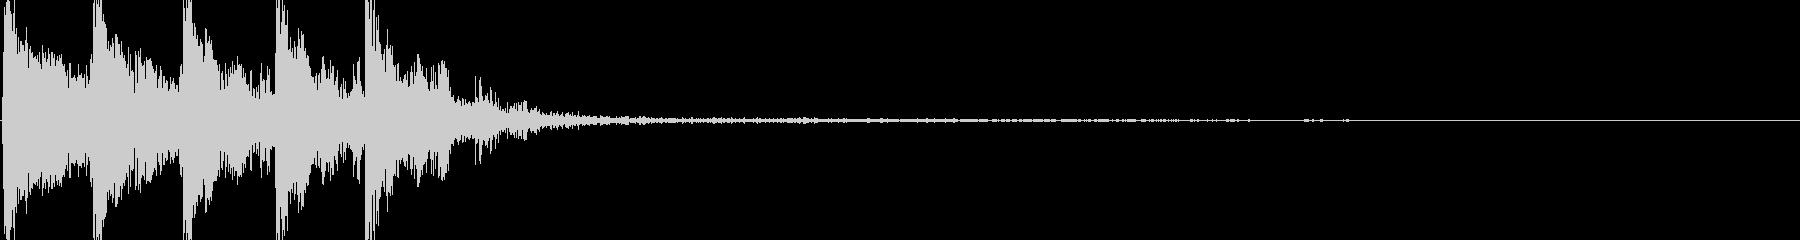 【戦場・戦争】 銃_107 だだだっ!!の未再生の波形